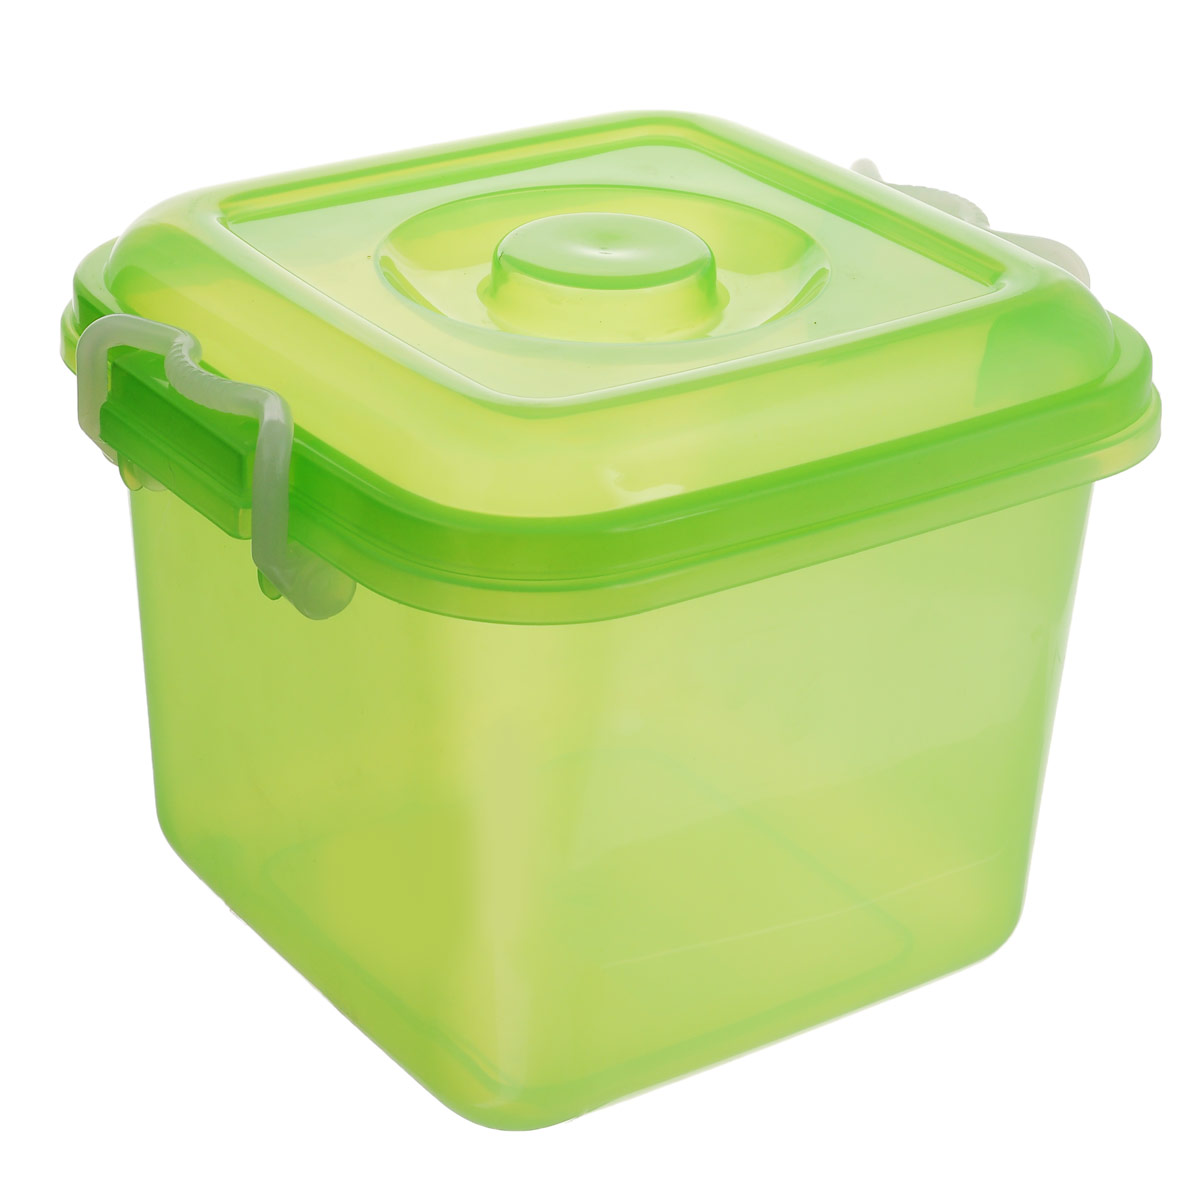 Контейнер для хранения Idea Океаник, цвет: зеленый, 8 л контейнер для хранения idea ягоды 10 л